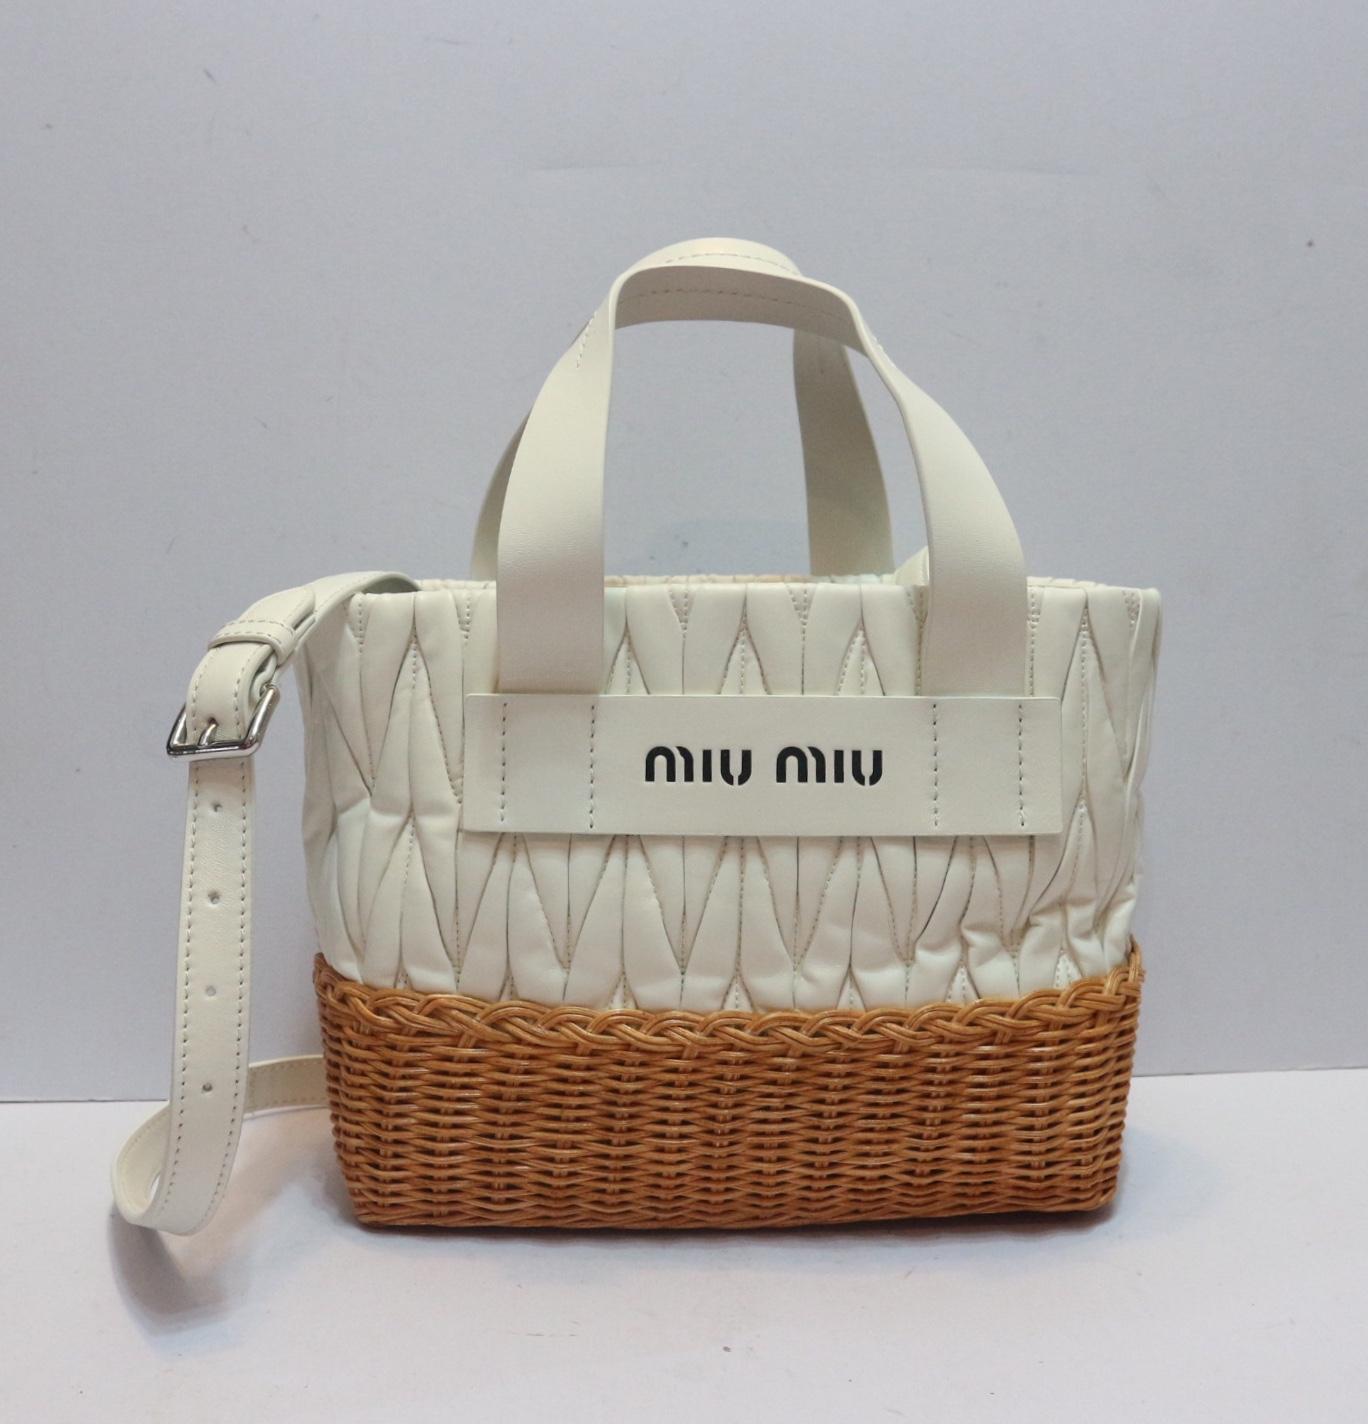 มาใหม่พร้อมส่ง กระเป๋าสะพายตะกร้าสานแบรนด์เนม MIU MIU Nappa Leather and Wicker  Bag มี3สี ชมพู ดำ ขาว (ราคาในshopประมาณใบละ 5หมื่นบาท) 408300d4d10ee